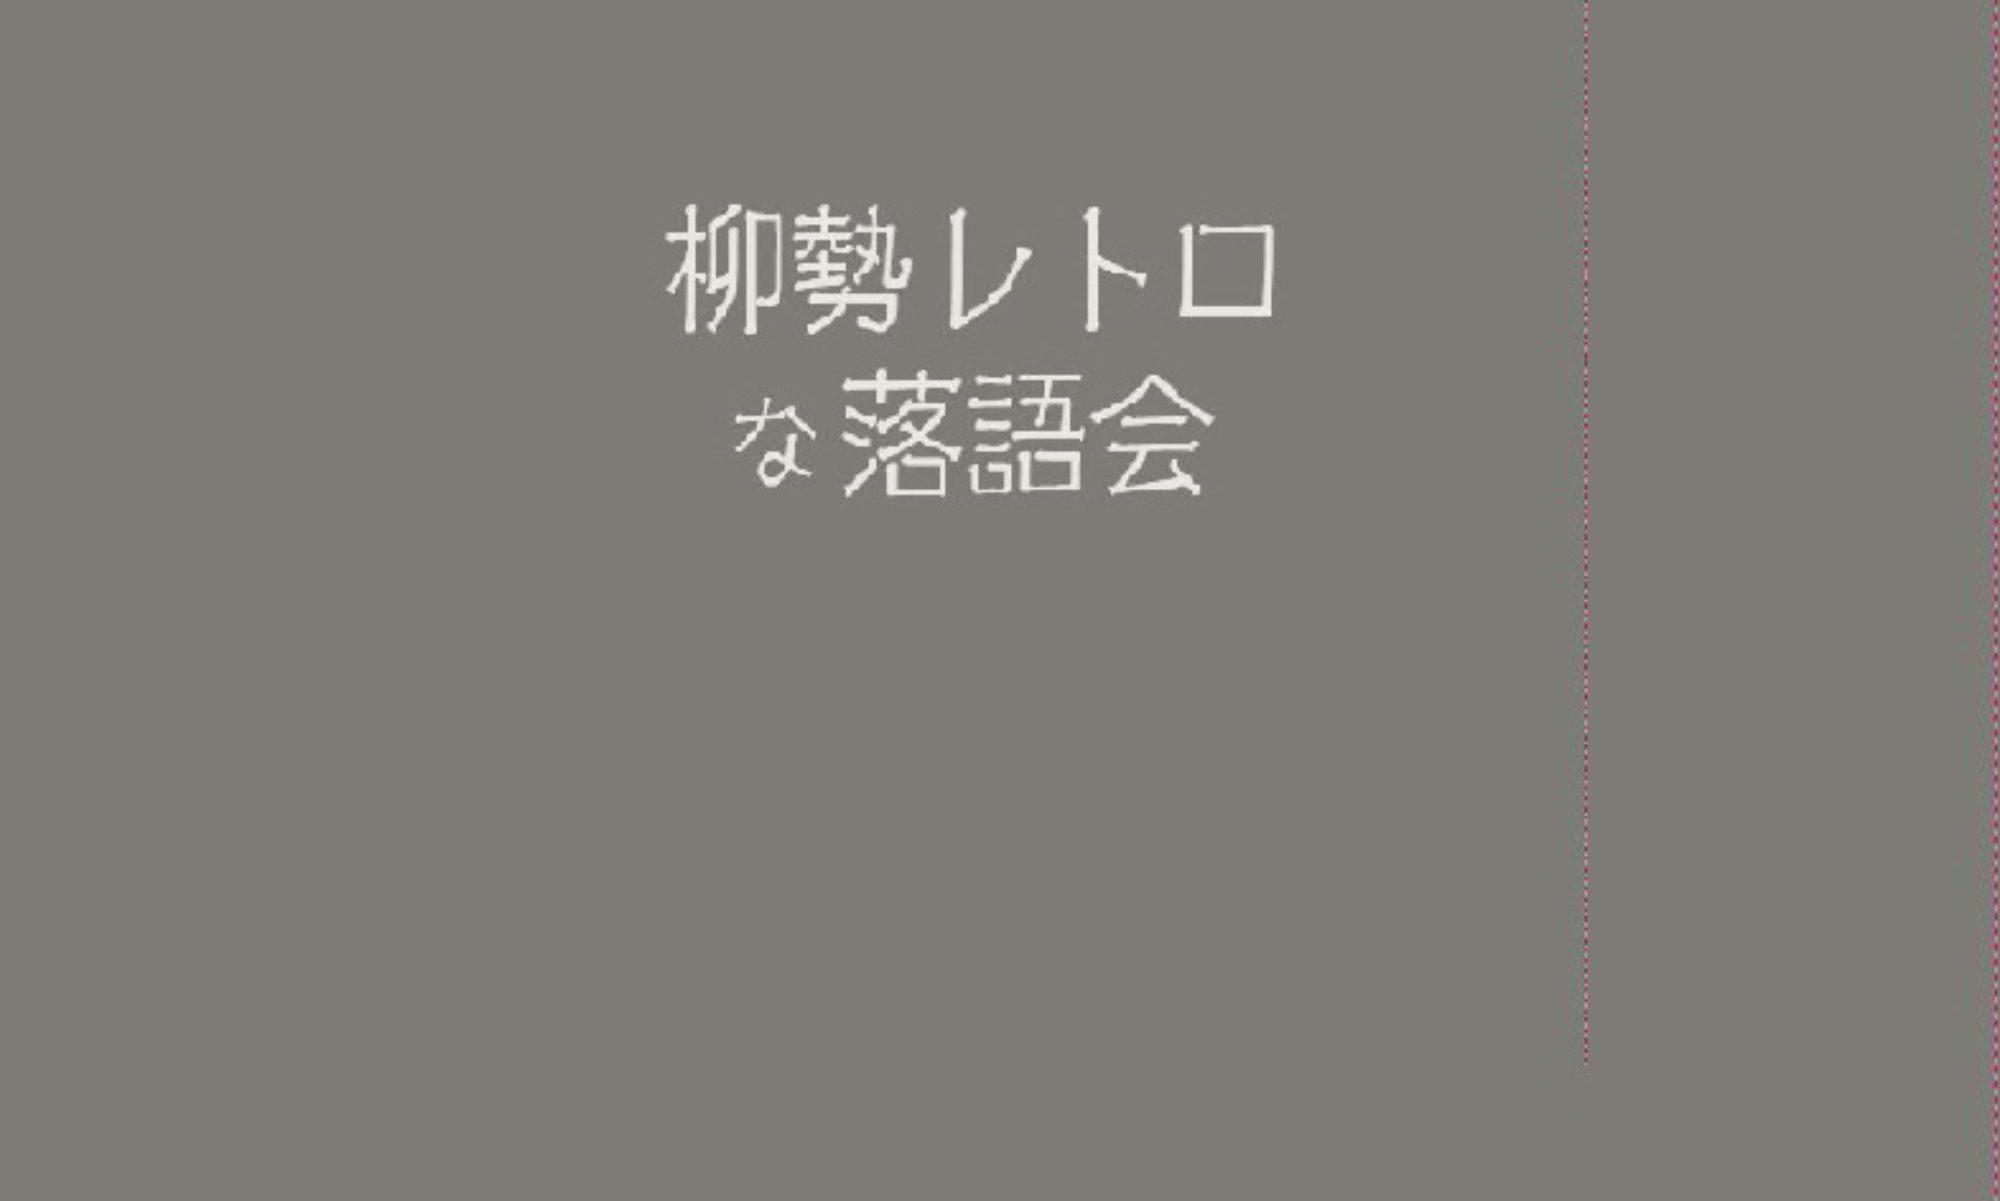 [公式]玉屋柳勢  ( タマヤ・リユウセイ )